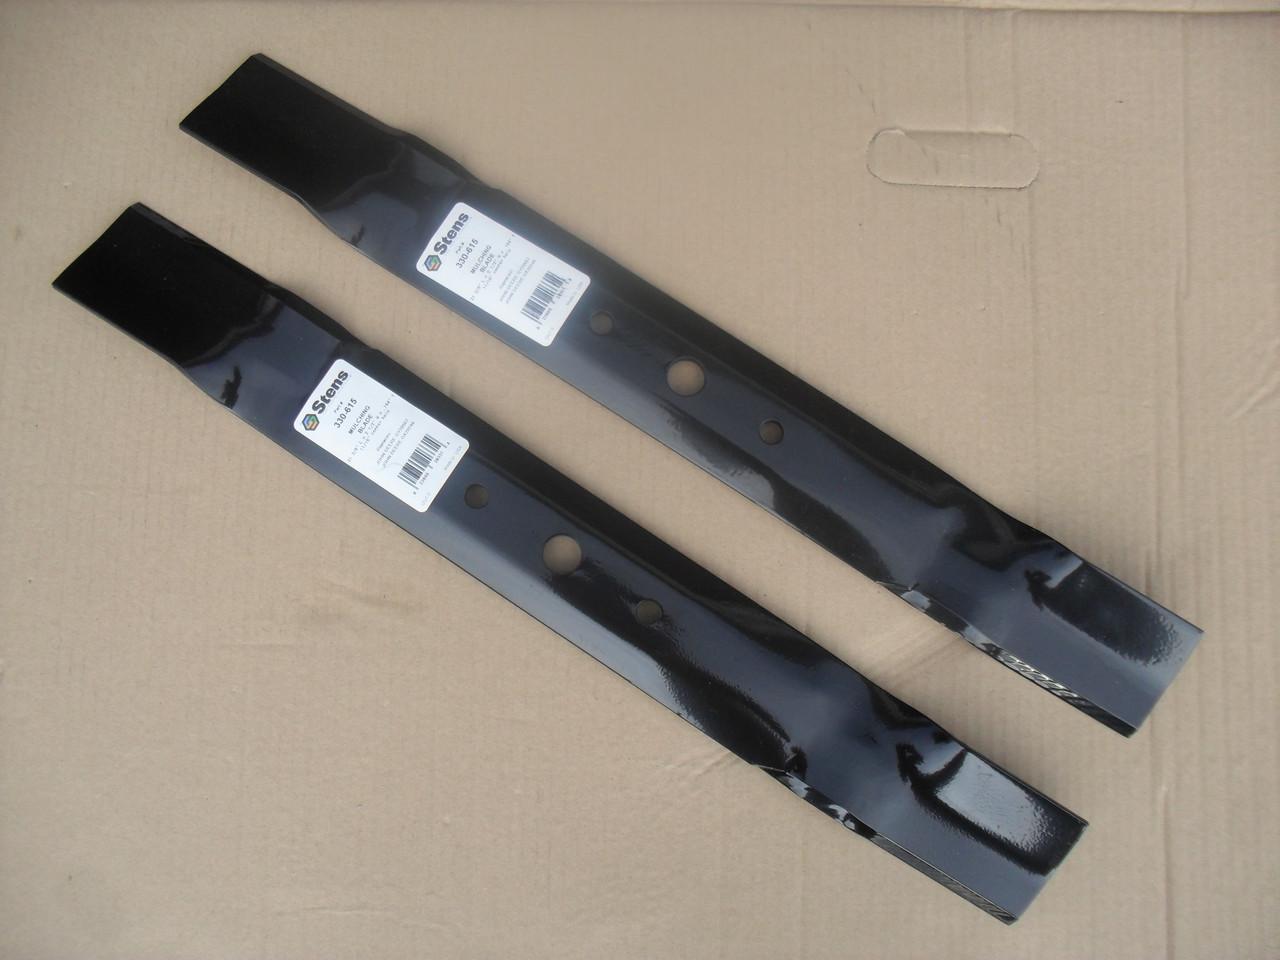 """Mulching Blades for John Deere 42"""" Cut GX20249, GX20433, GY20567 Sabre, Scotts L100, L108, L110, L111, L118, L1742, L17.542 Made In USA, Mulcher"""